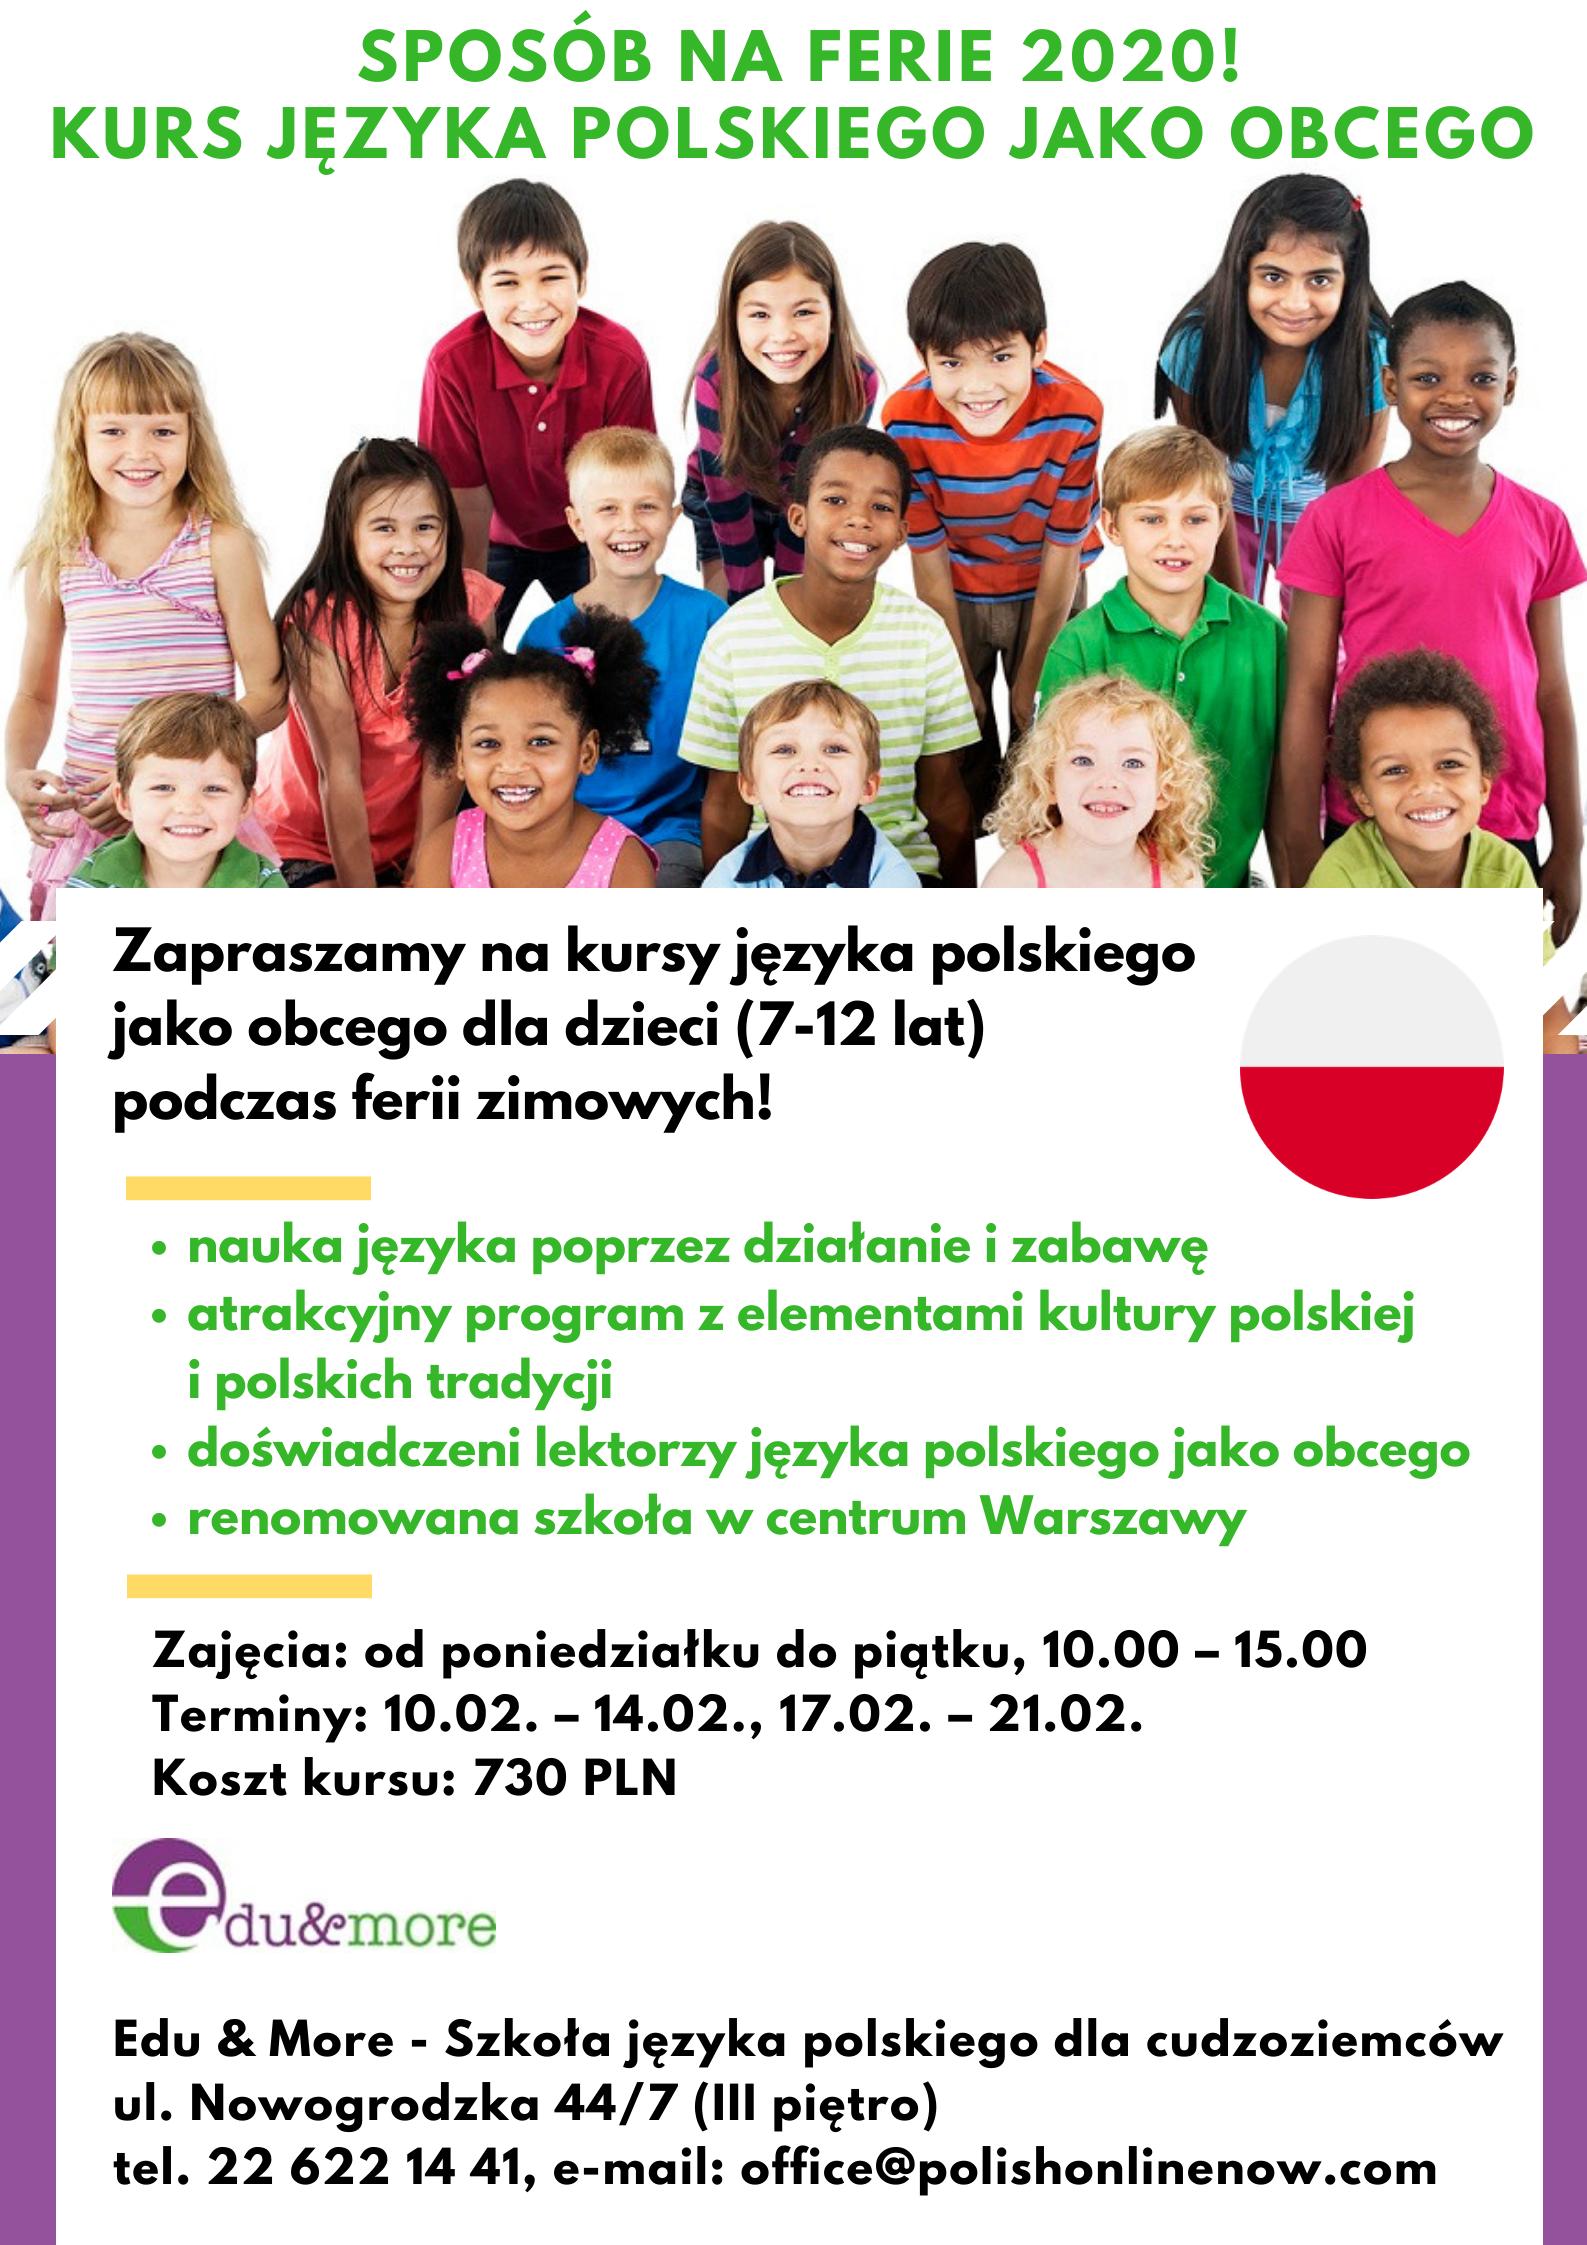 Ferie zimowe z językiem polskim